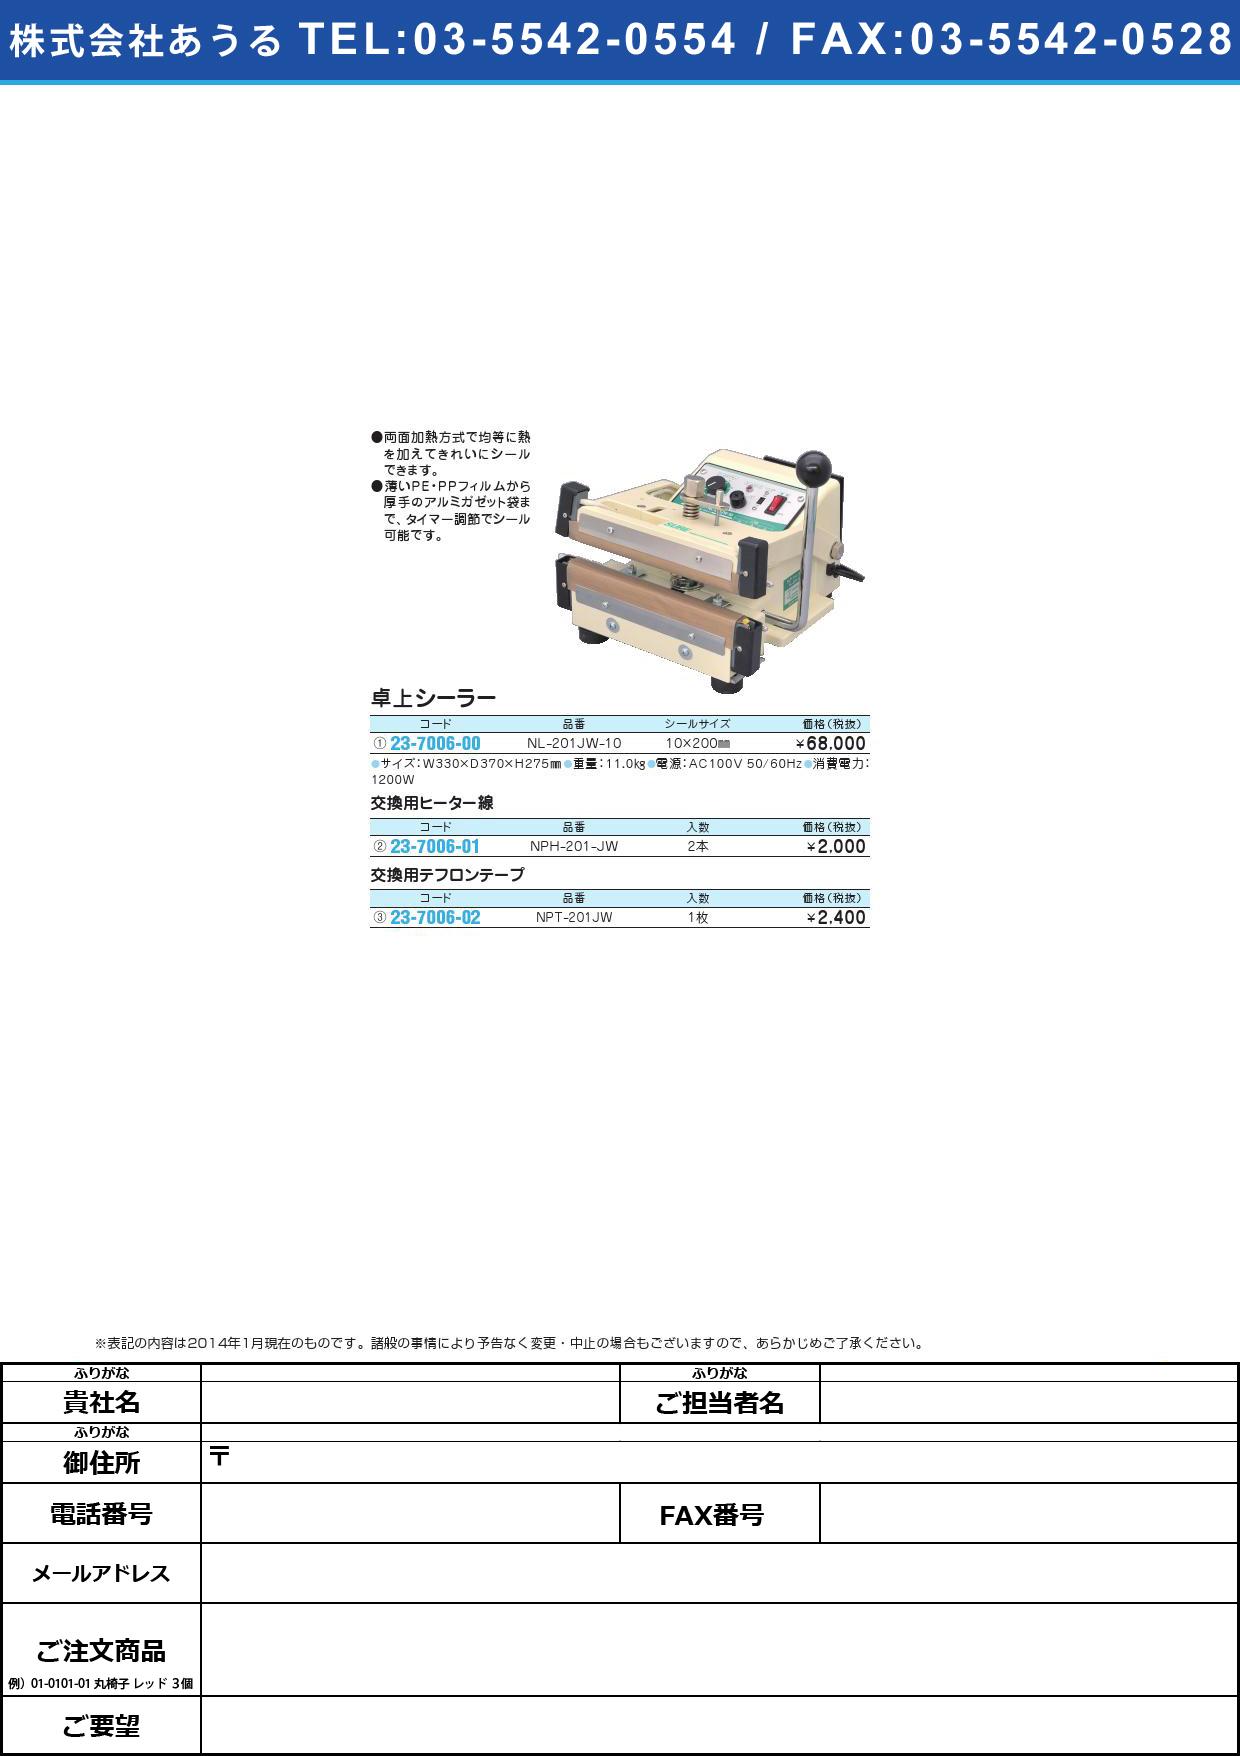 卓上シーラー用テフロン タクジョウシーラーヨウテフロン NPT-201JW(1マイ)【1枚単位】(23-7006-02)